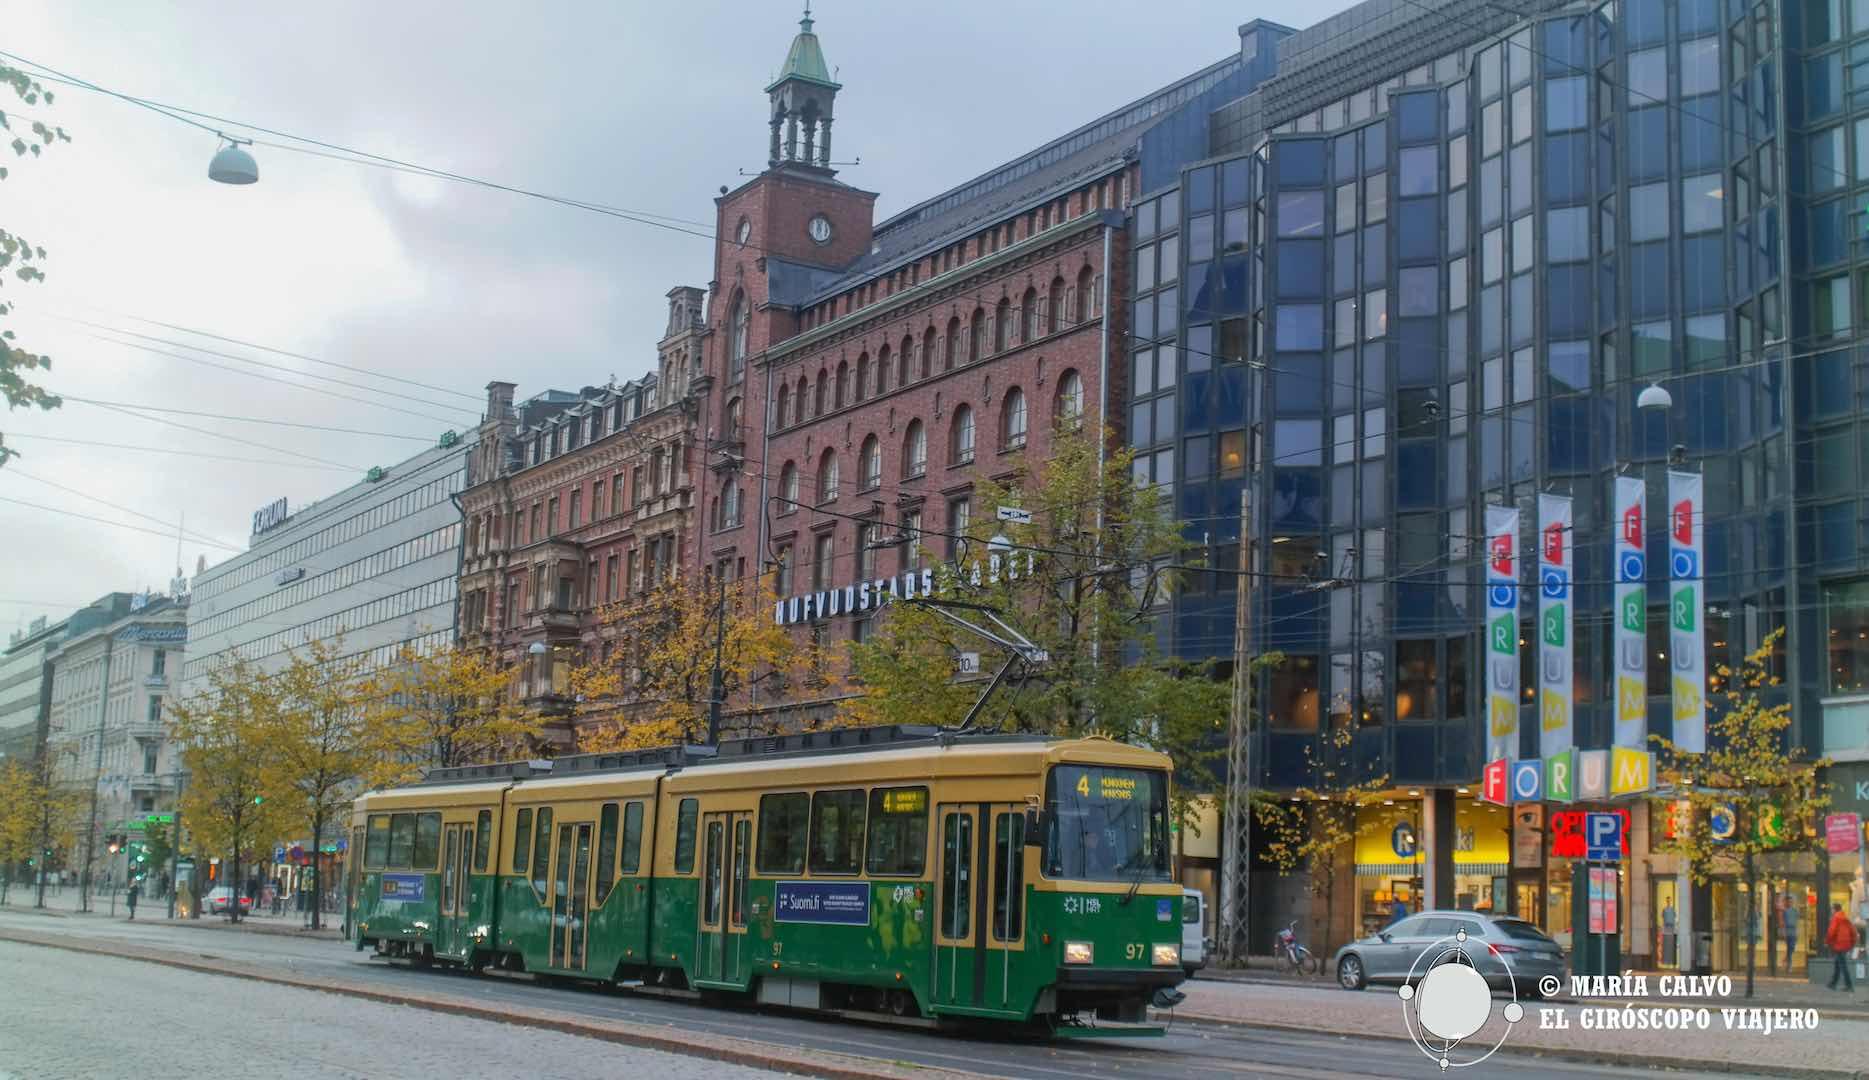 Tranvías en Helsinki, un transporte muy común y útil.